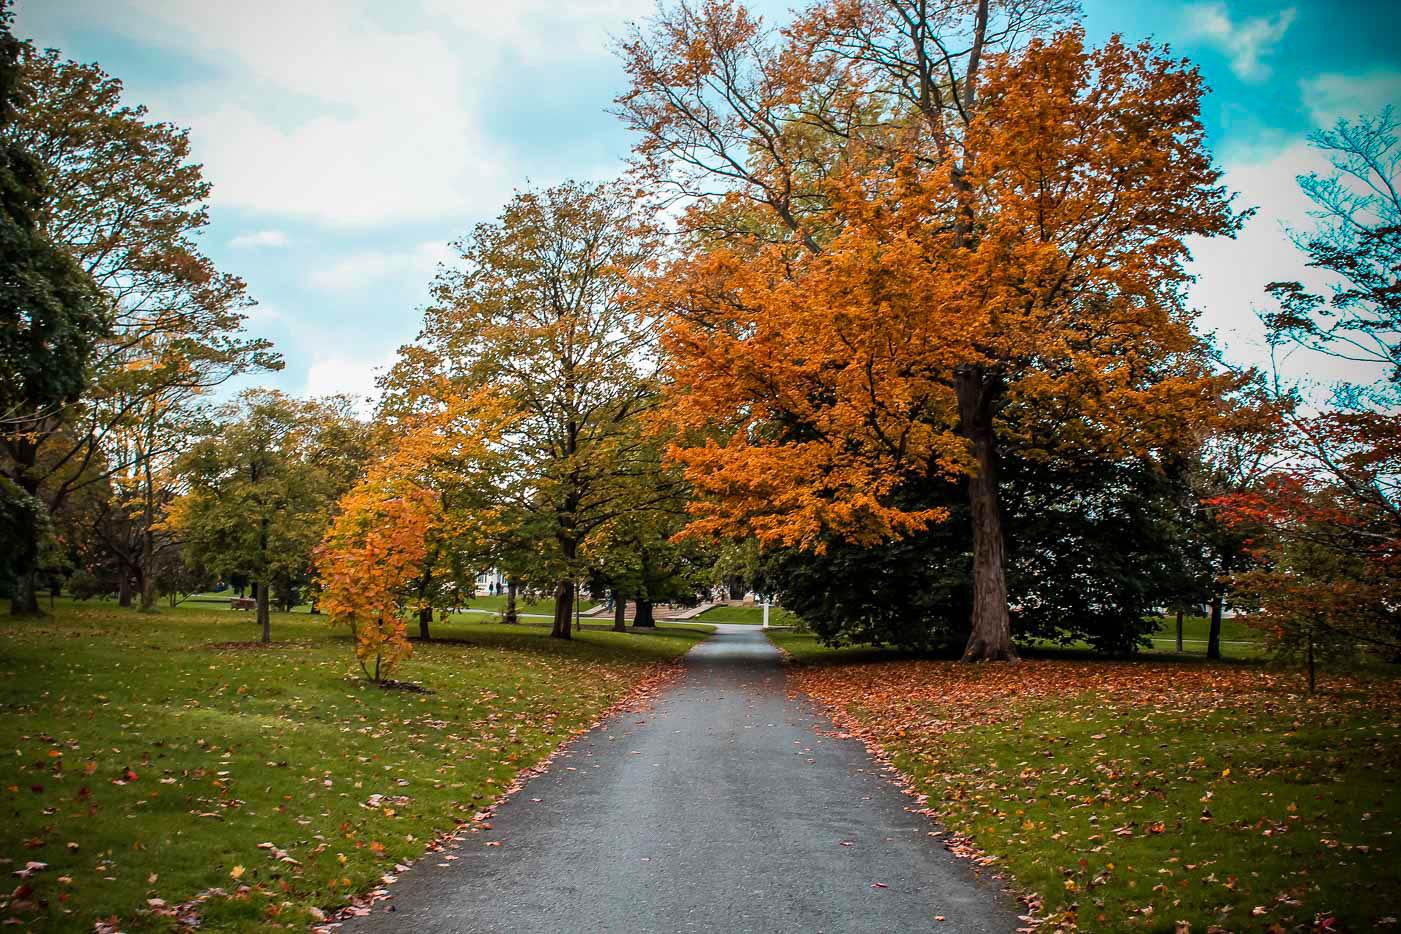 Fall in Kew Gardens